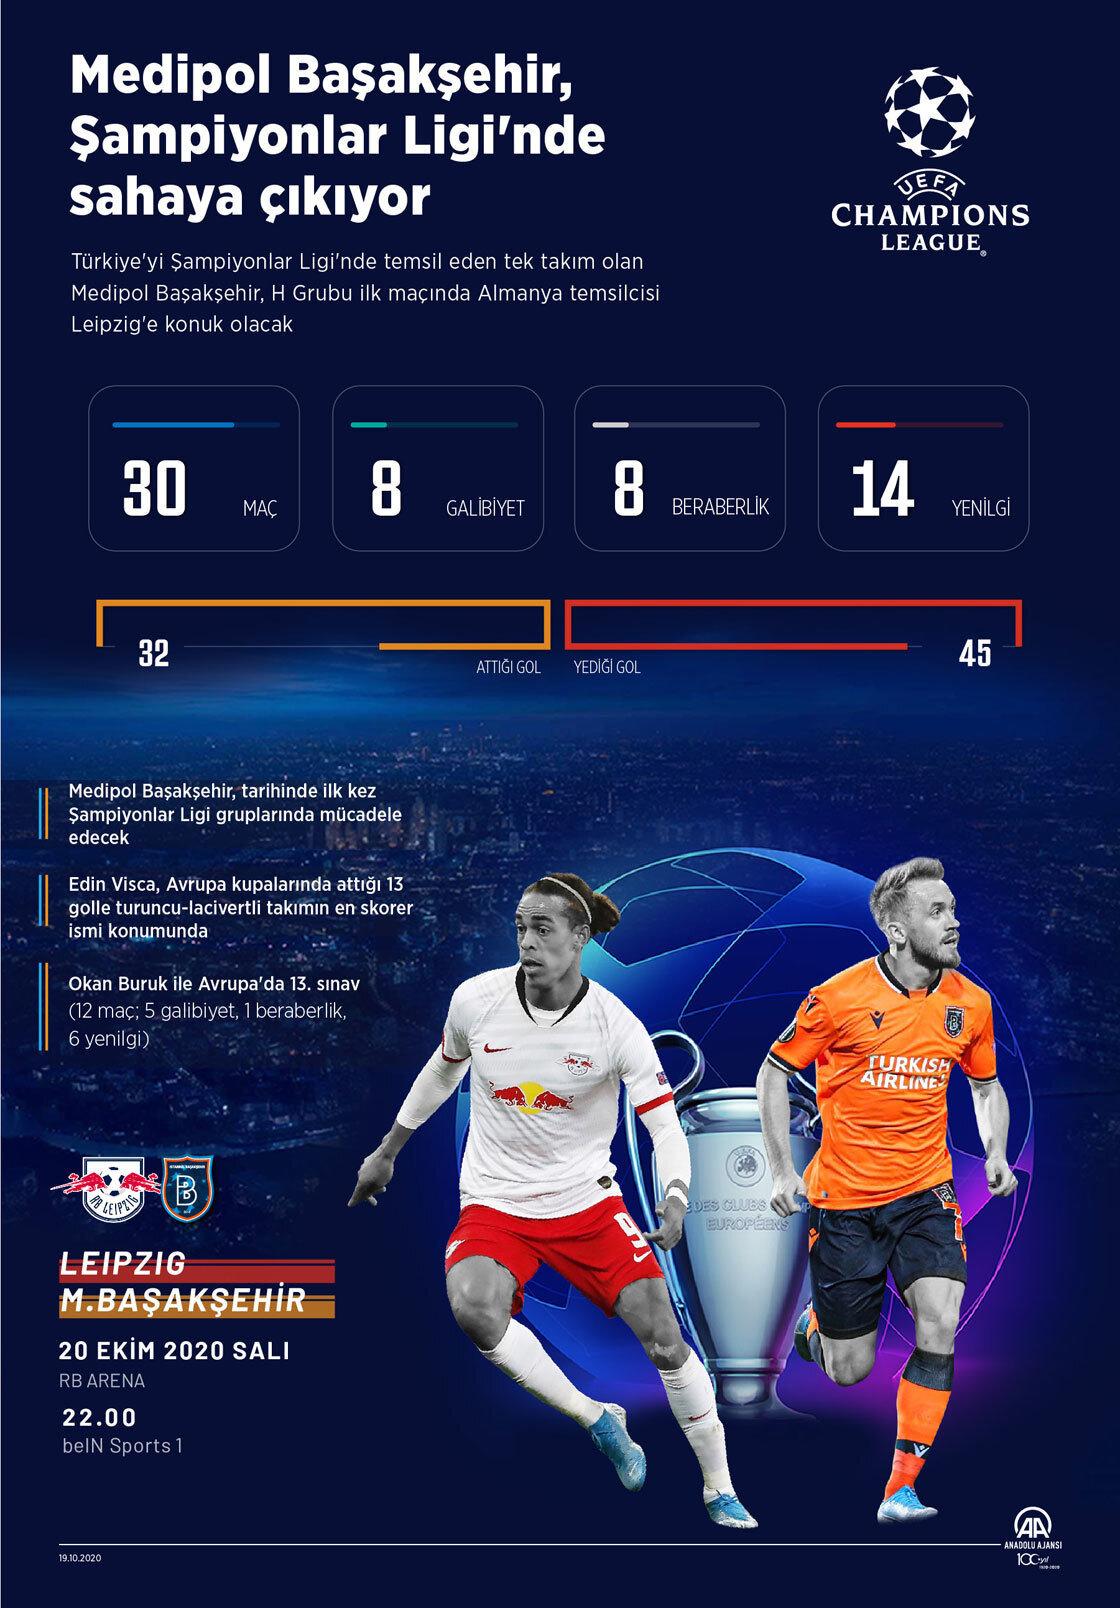 Medipol Başakşehir, Leipzig mücadelesiyle Avrupa kupalarında 31. karşılaşmasına çıkacak. Turuncu-lacivertli ekip, bugüne dek yaptığı 30 maçta 8 galibiyet, 8 beraberlik ve 14 mağlubiyet yaşadı.